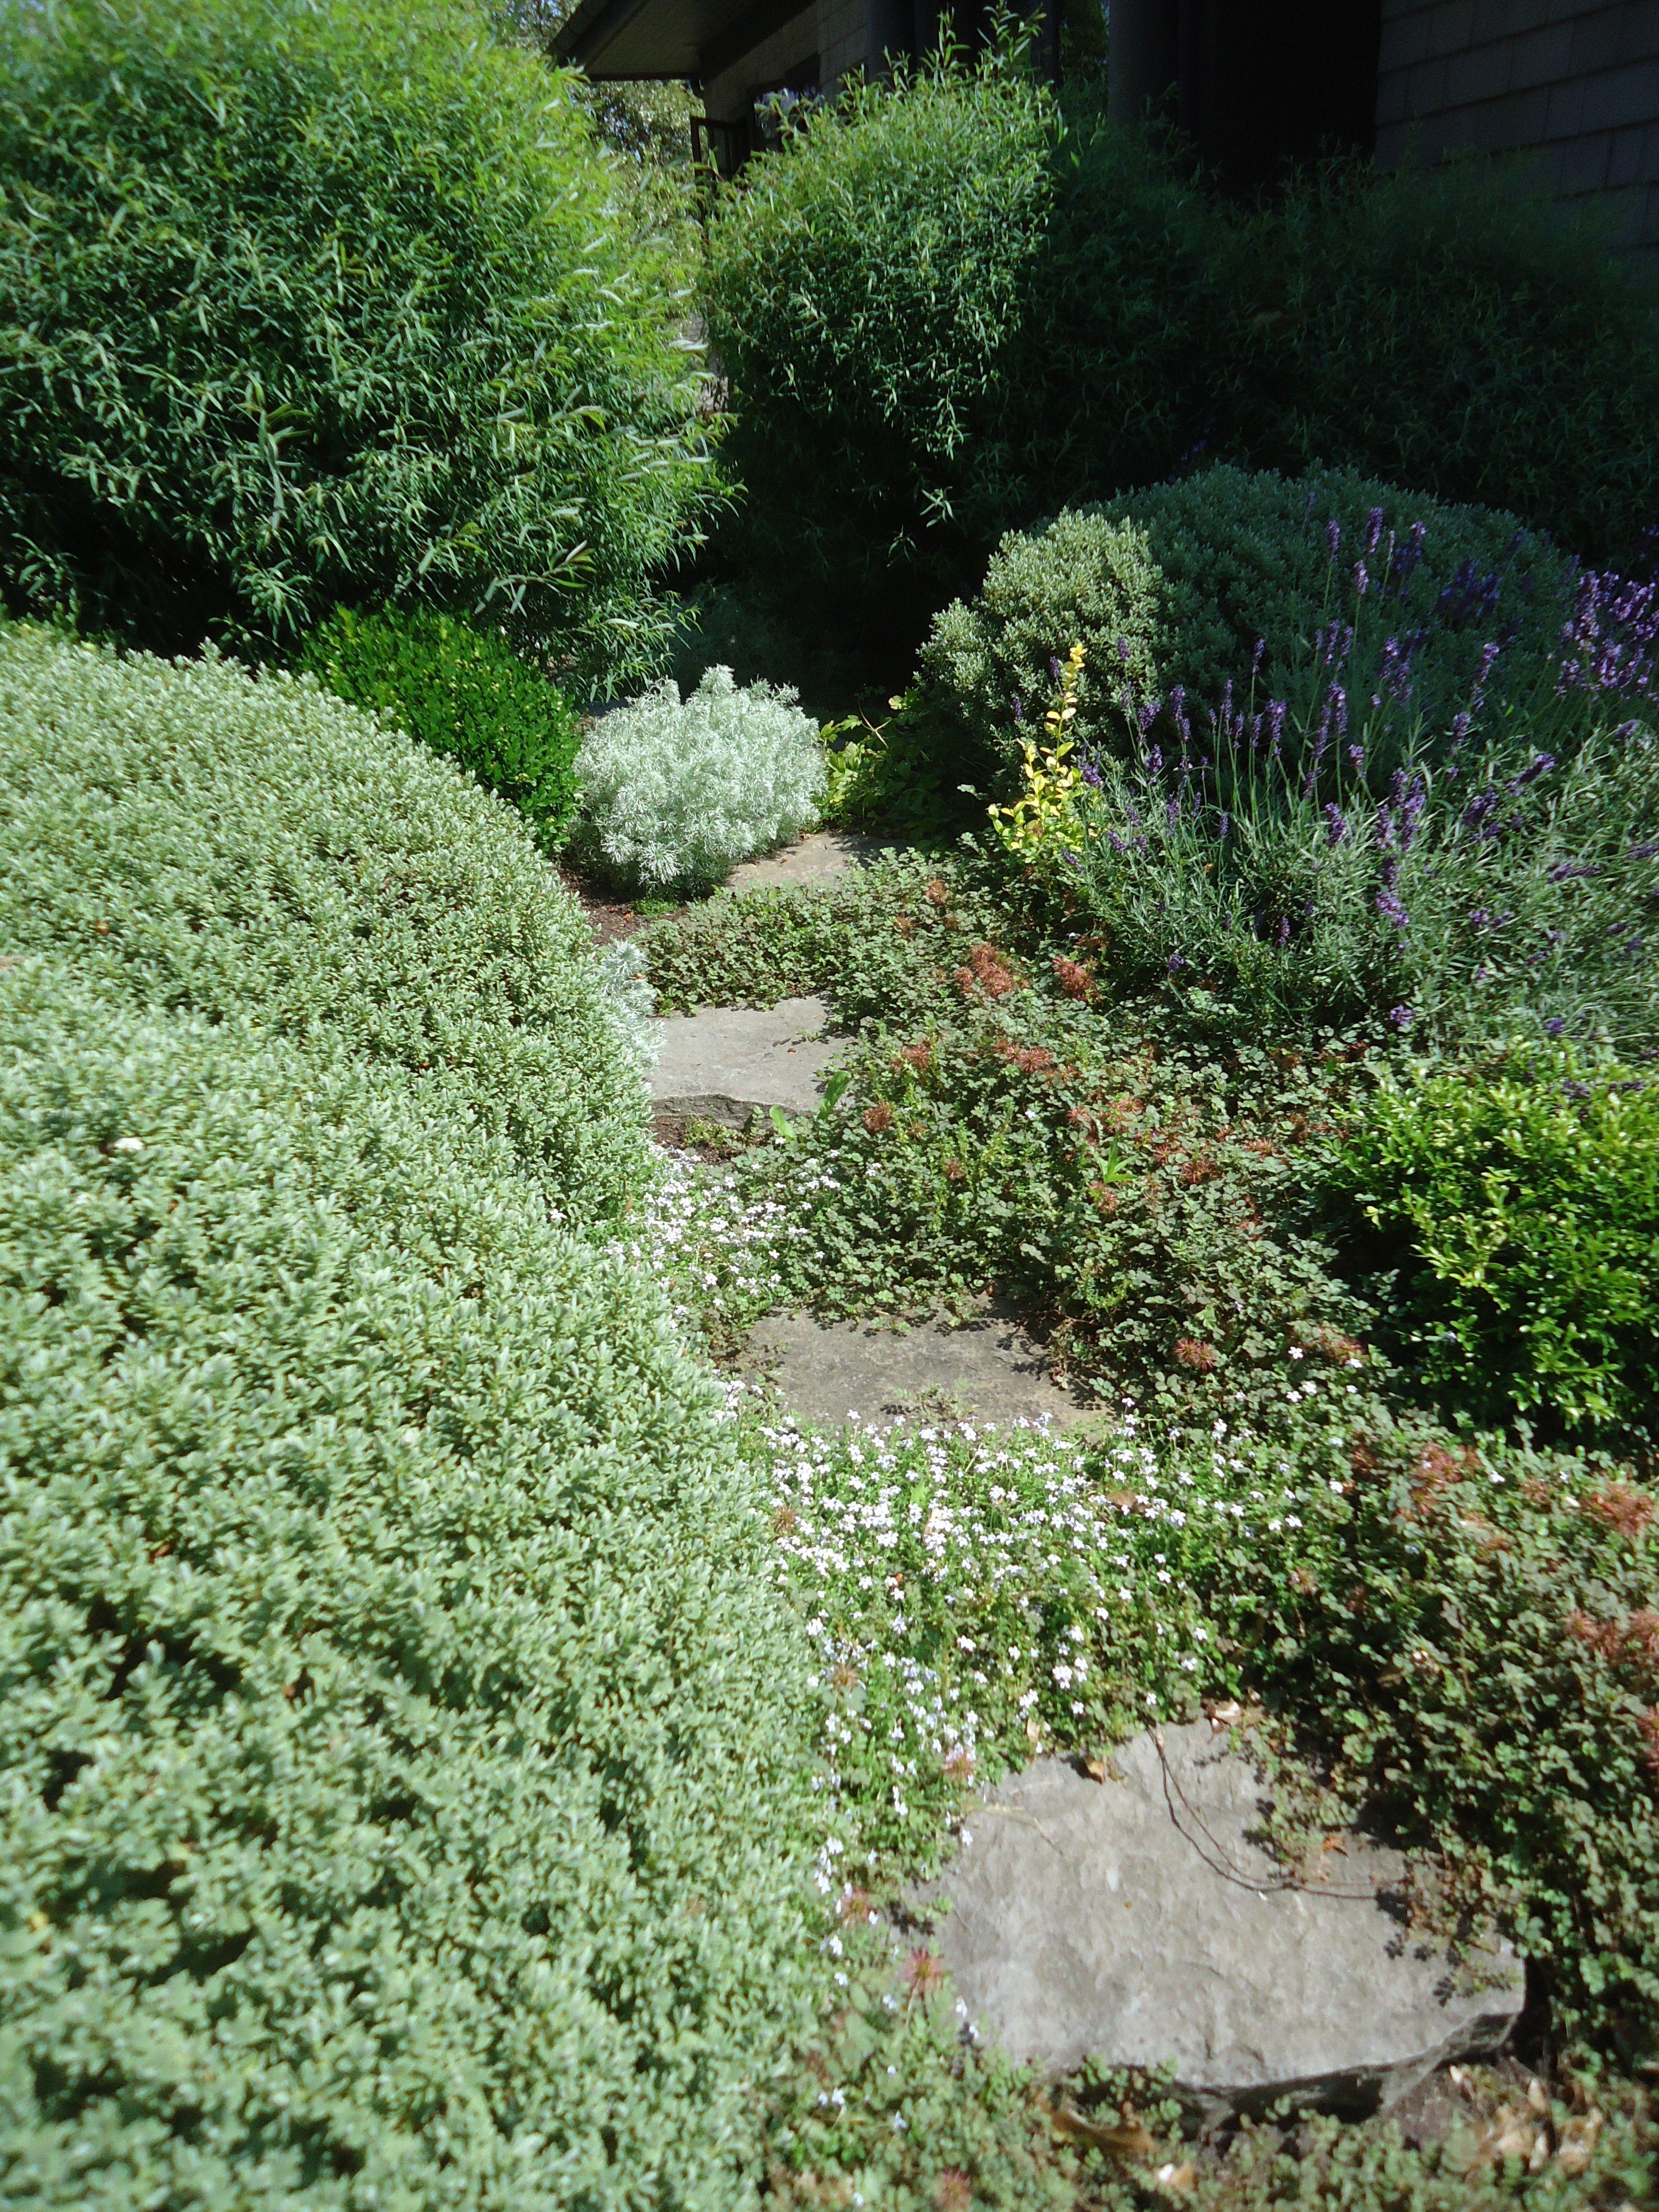 Thomas Hobbs Garden • https://thatbloomingarden.files.wordpress.com/2015/07/dsc08902.jpg